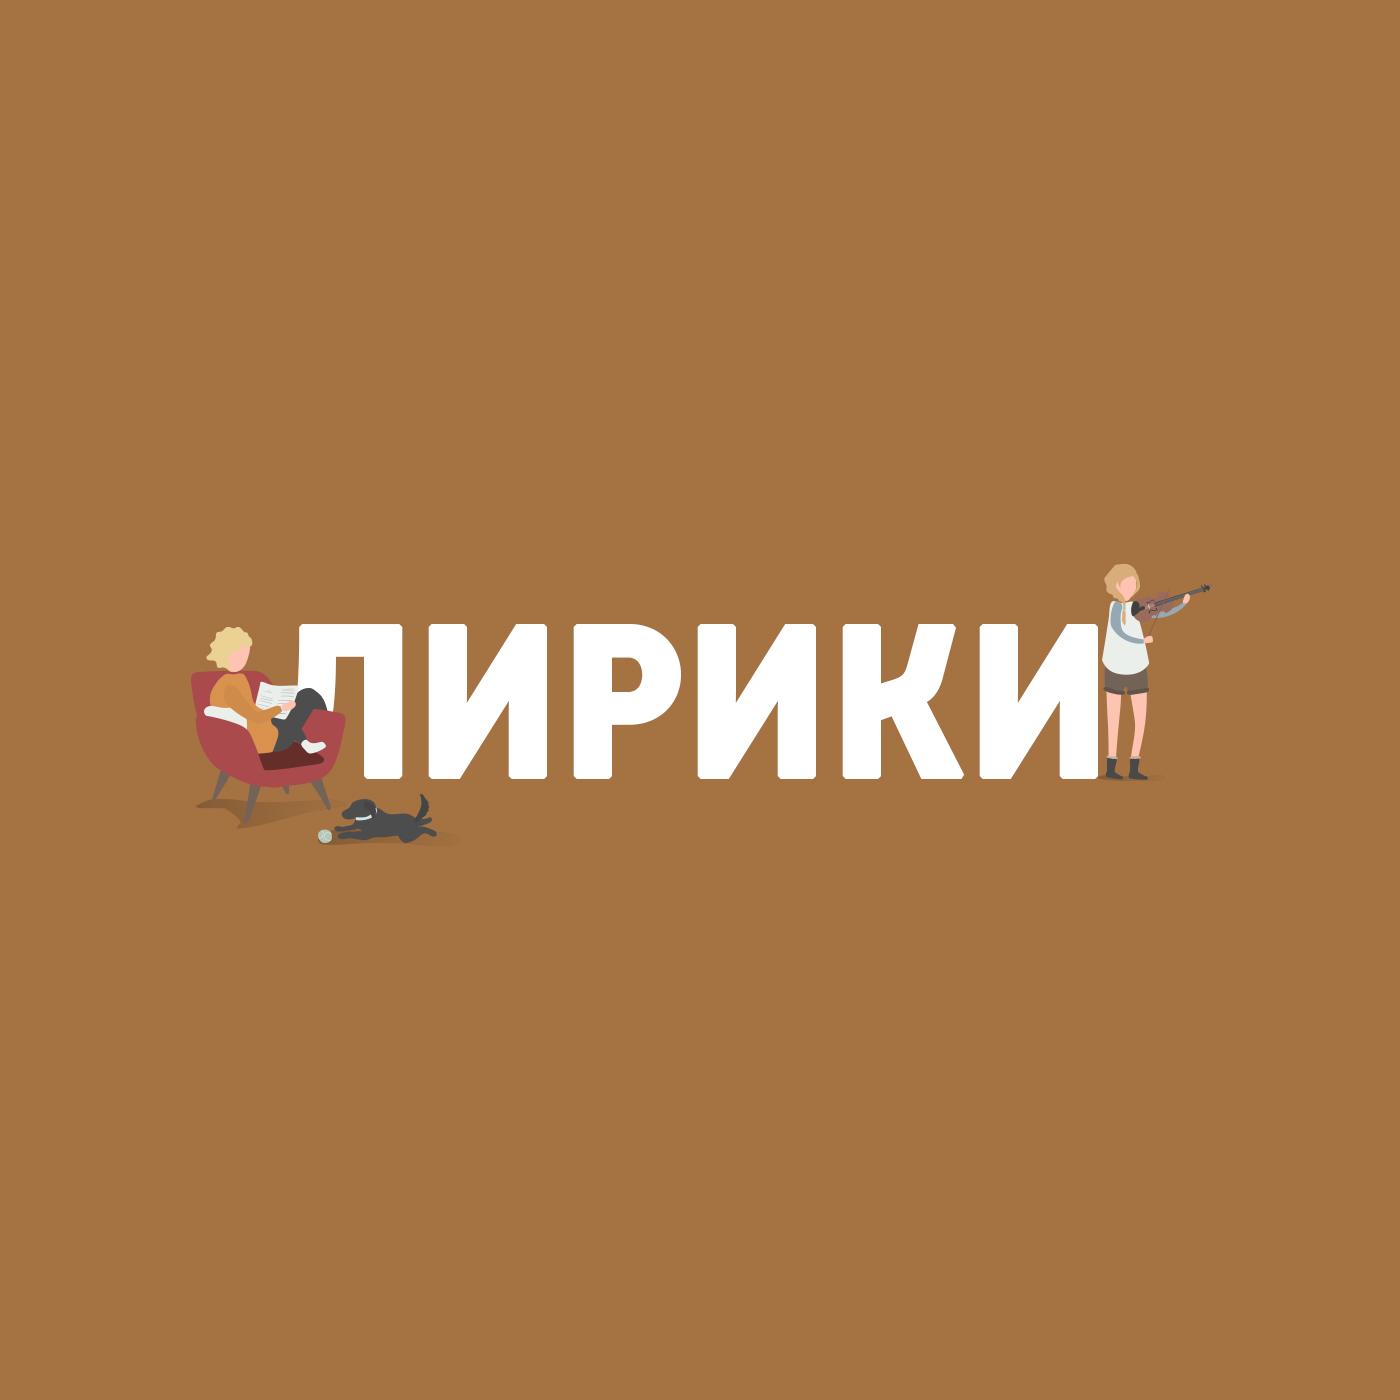 Маргарита Митрофанова Языковые конфликты максим кронгауз 10 1 диалог о не вежливости и антивежливости